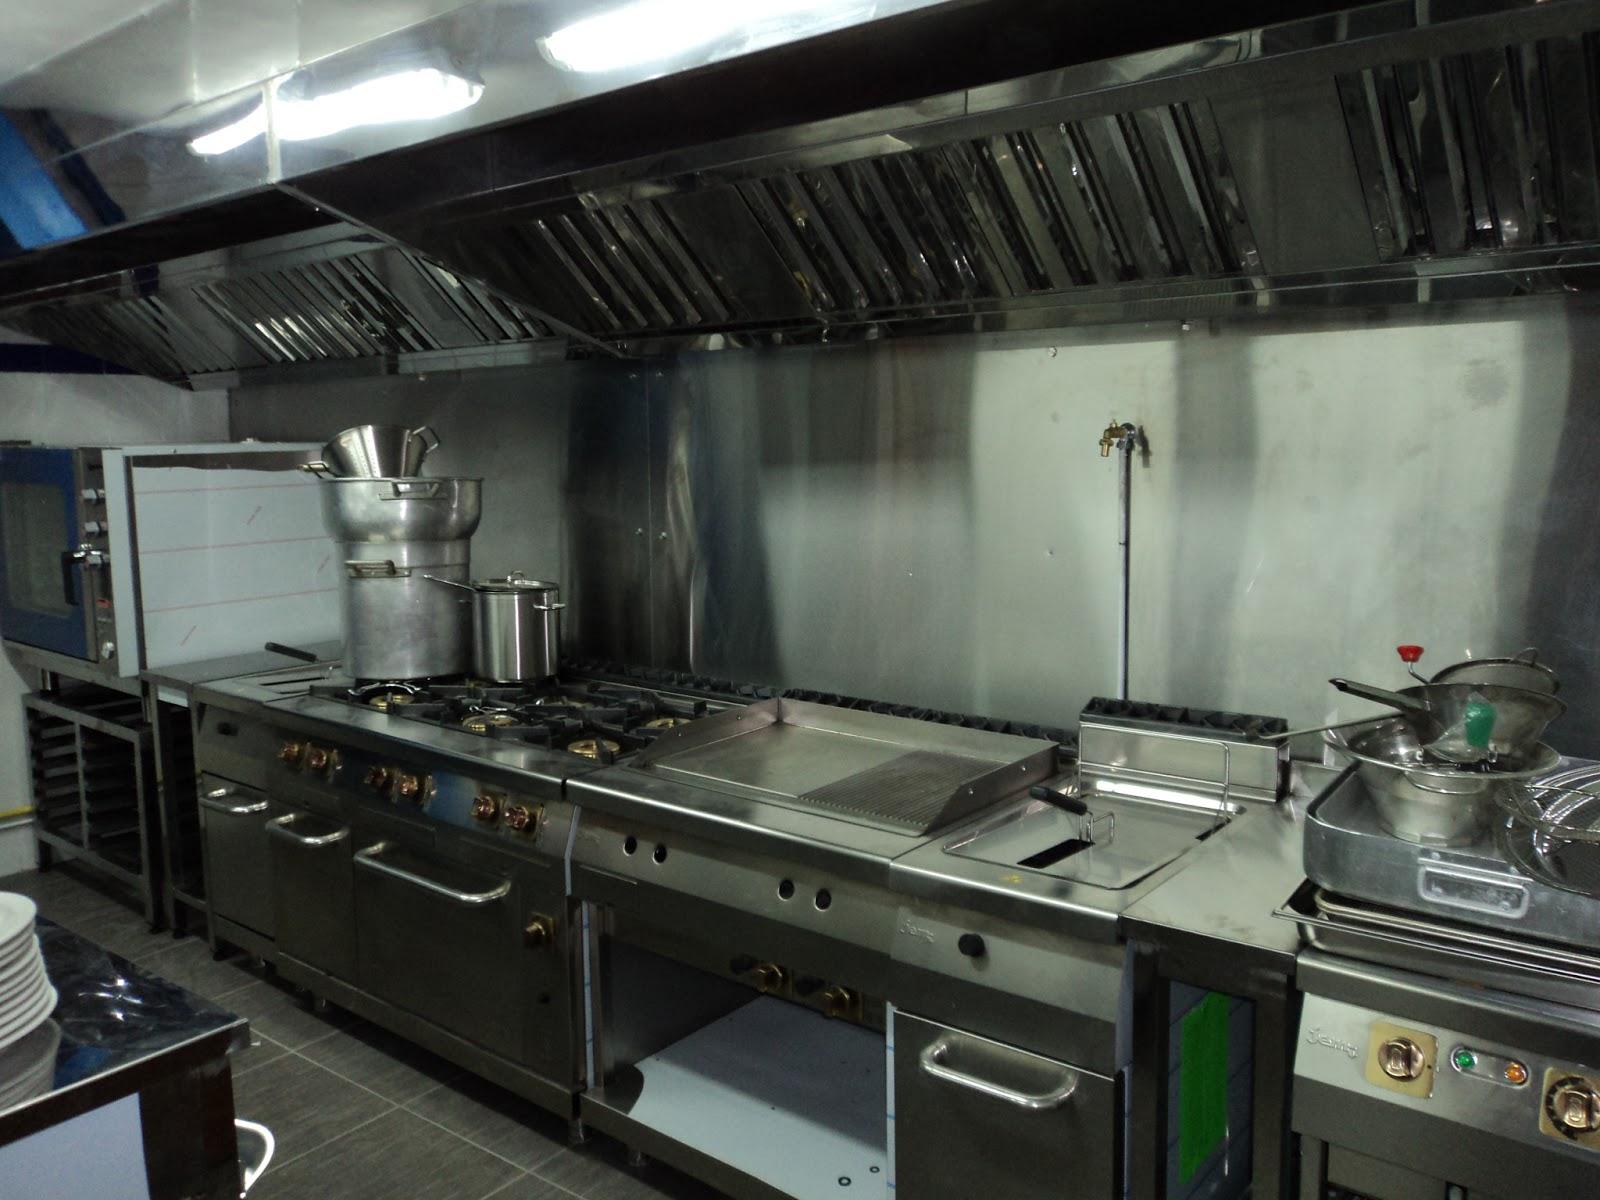 Batterie de cuisine professionnelle batterie de cuisine for Equipement pour cuisine professionnelle